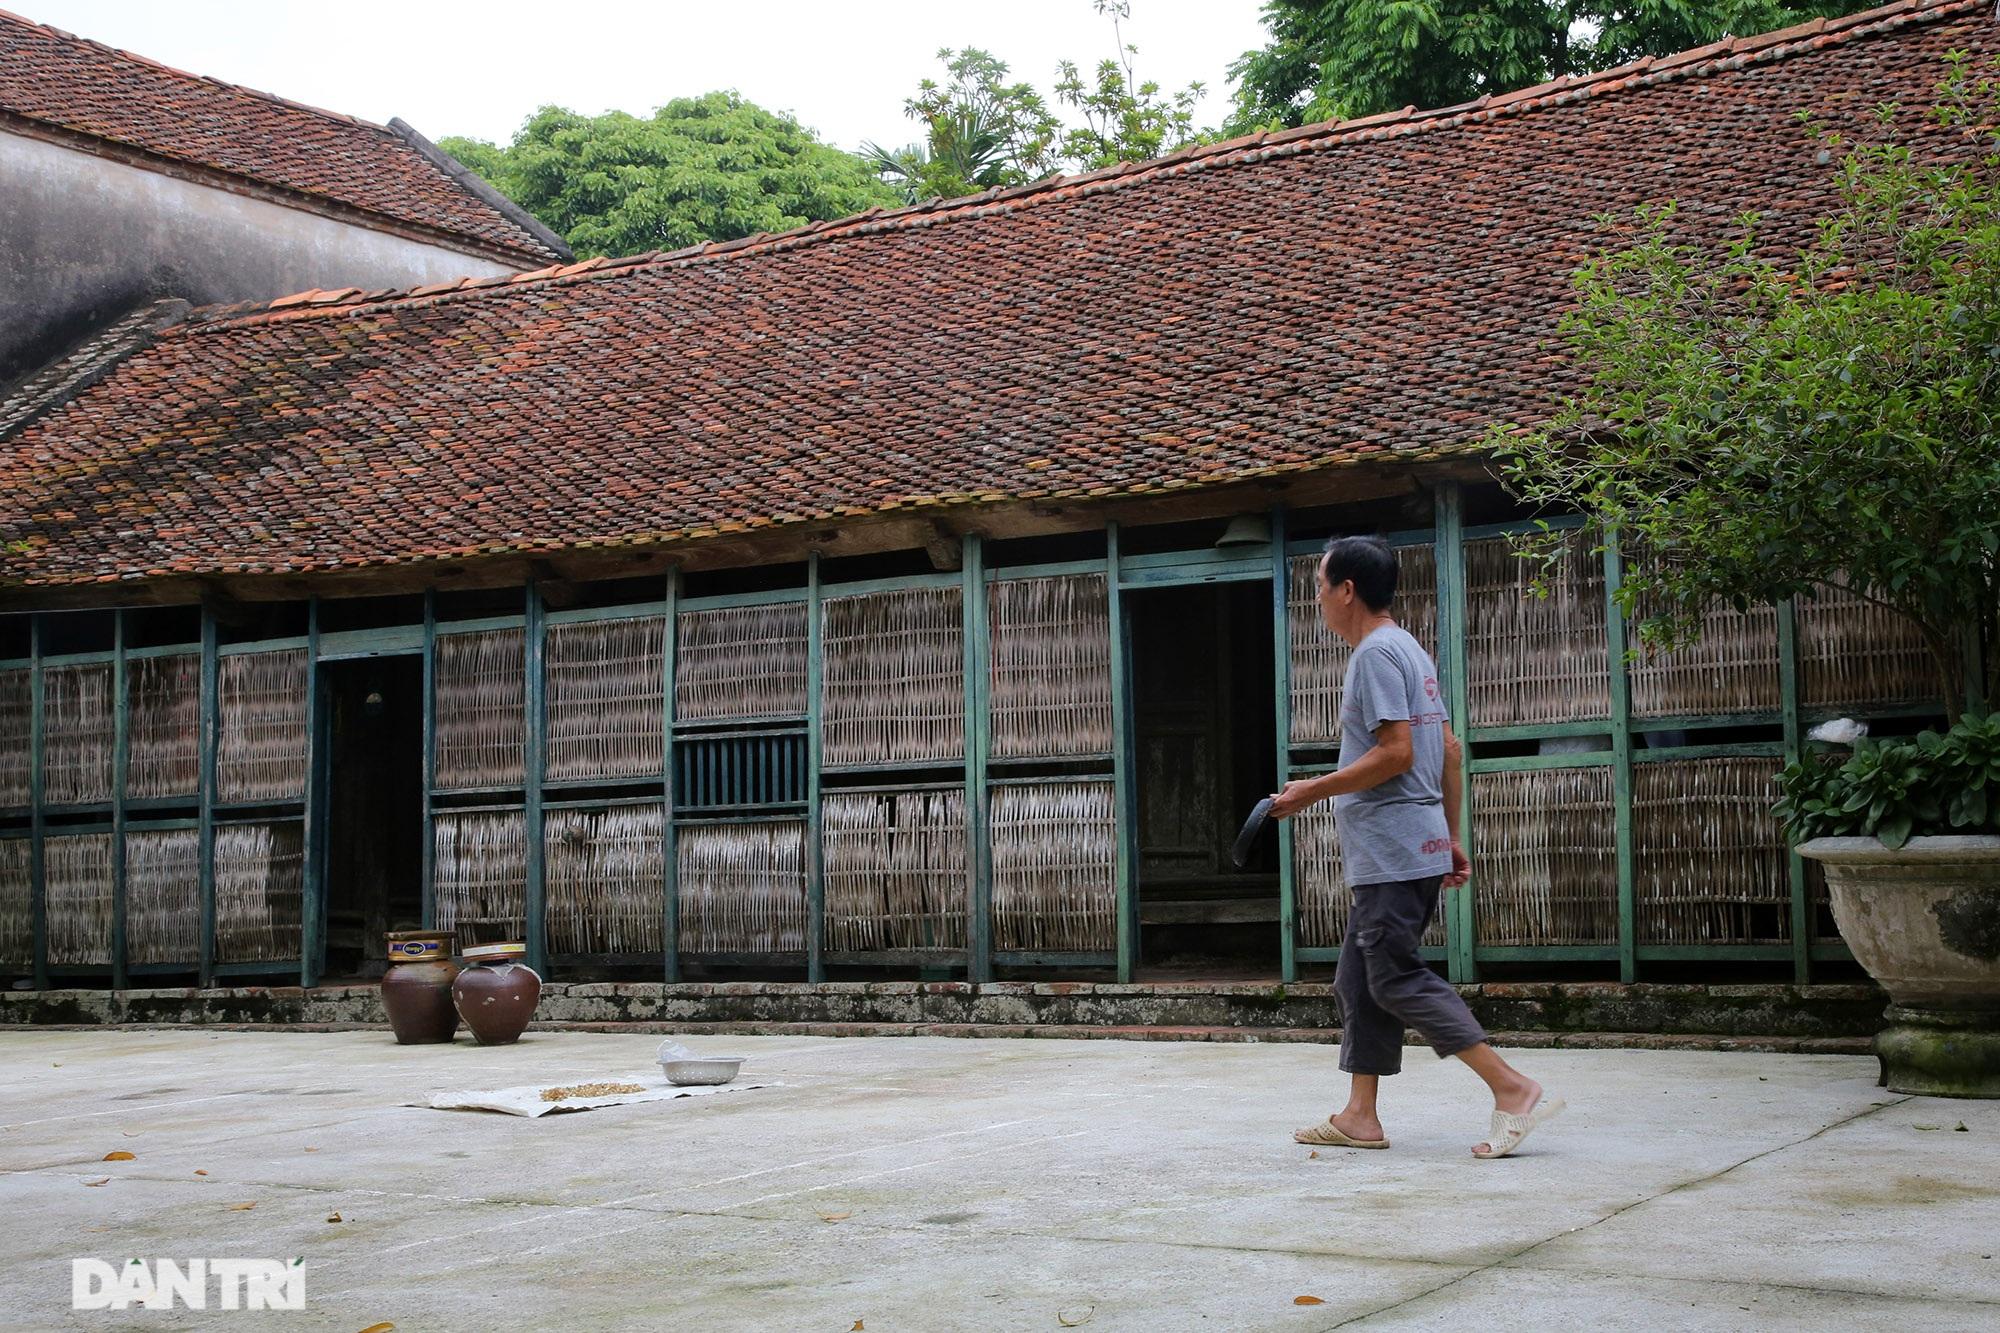 Cánh dại tre độc đáo trong nếp nhà xưa ở nông thôn miền Bắc - 7